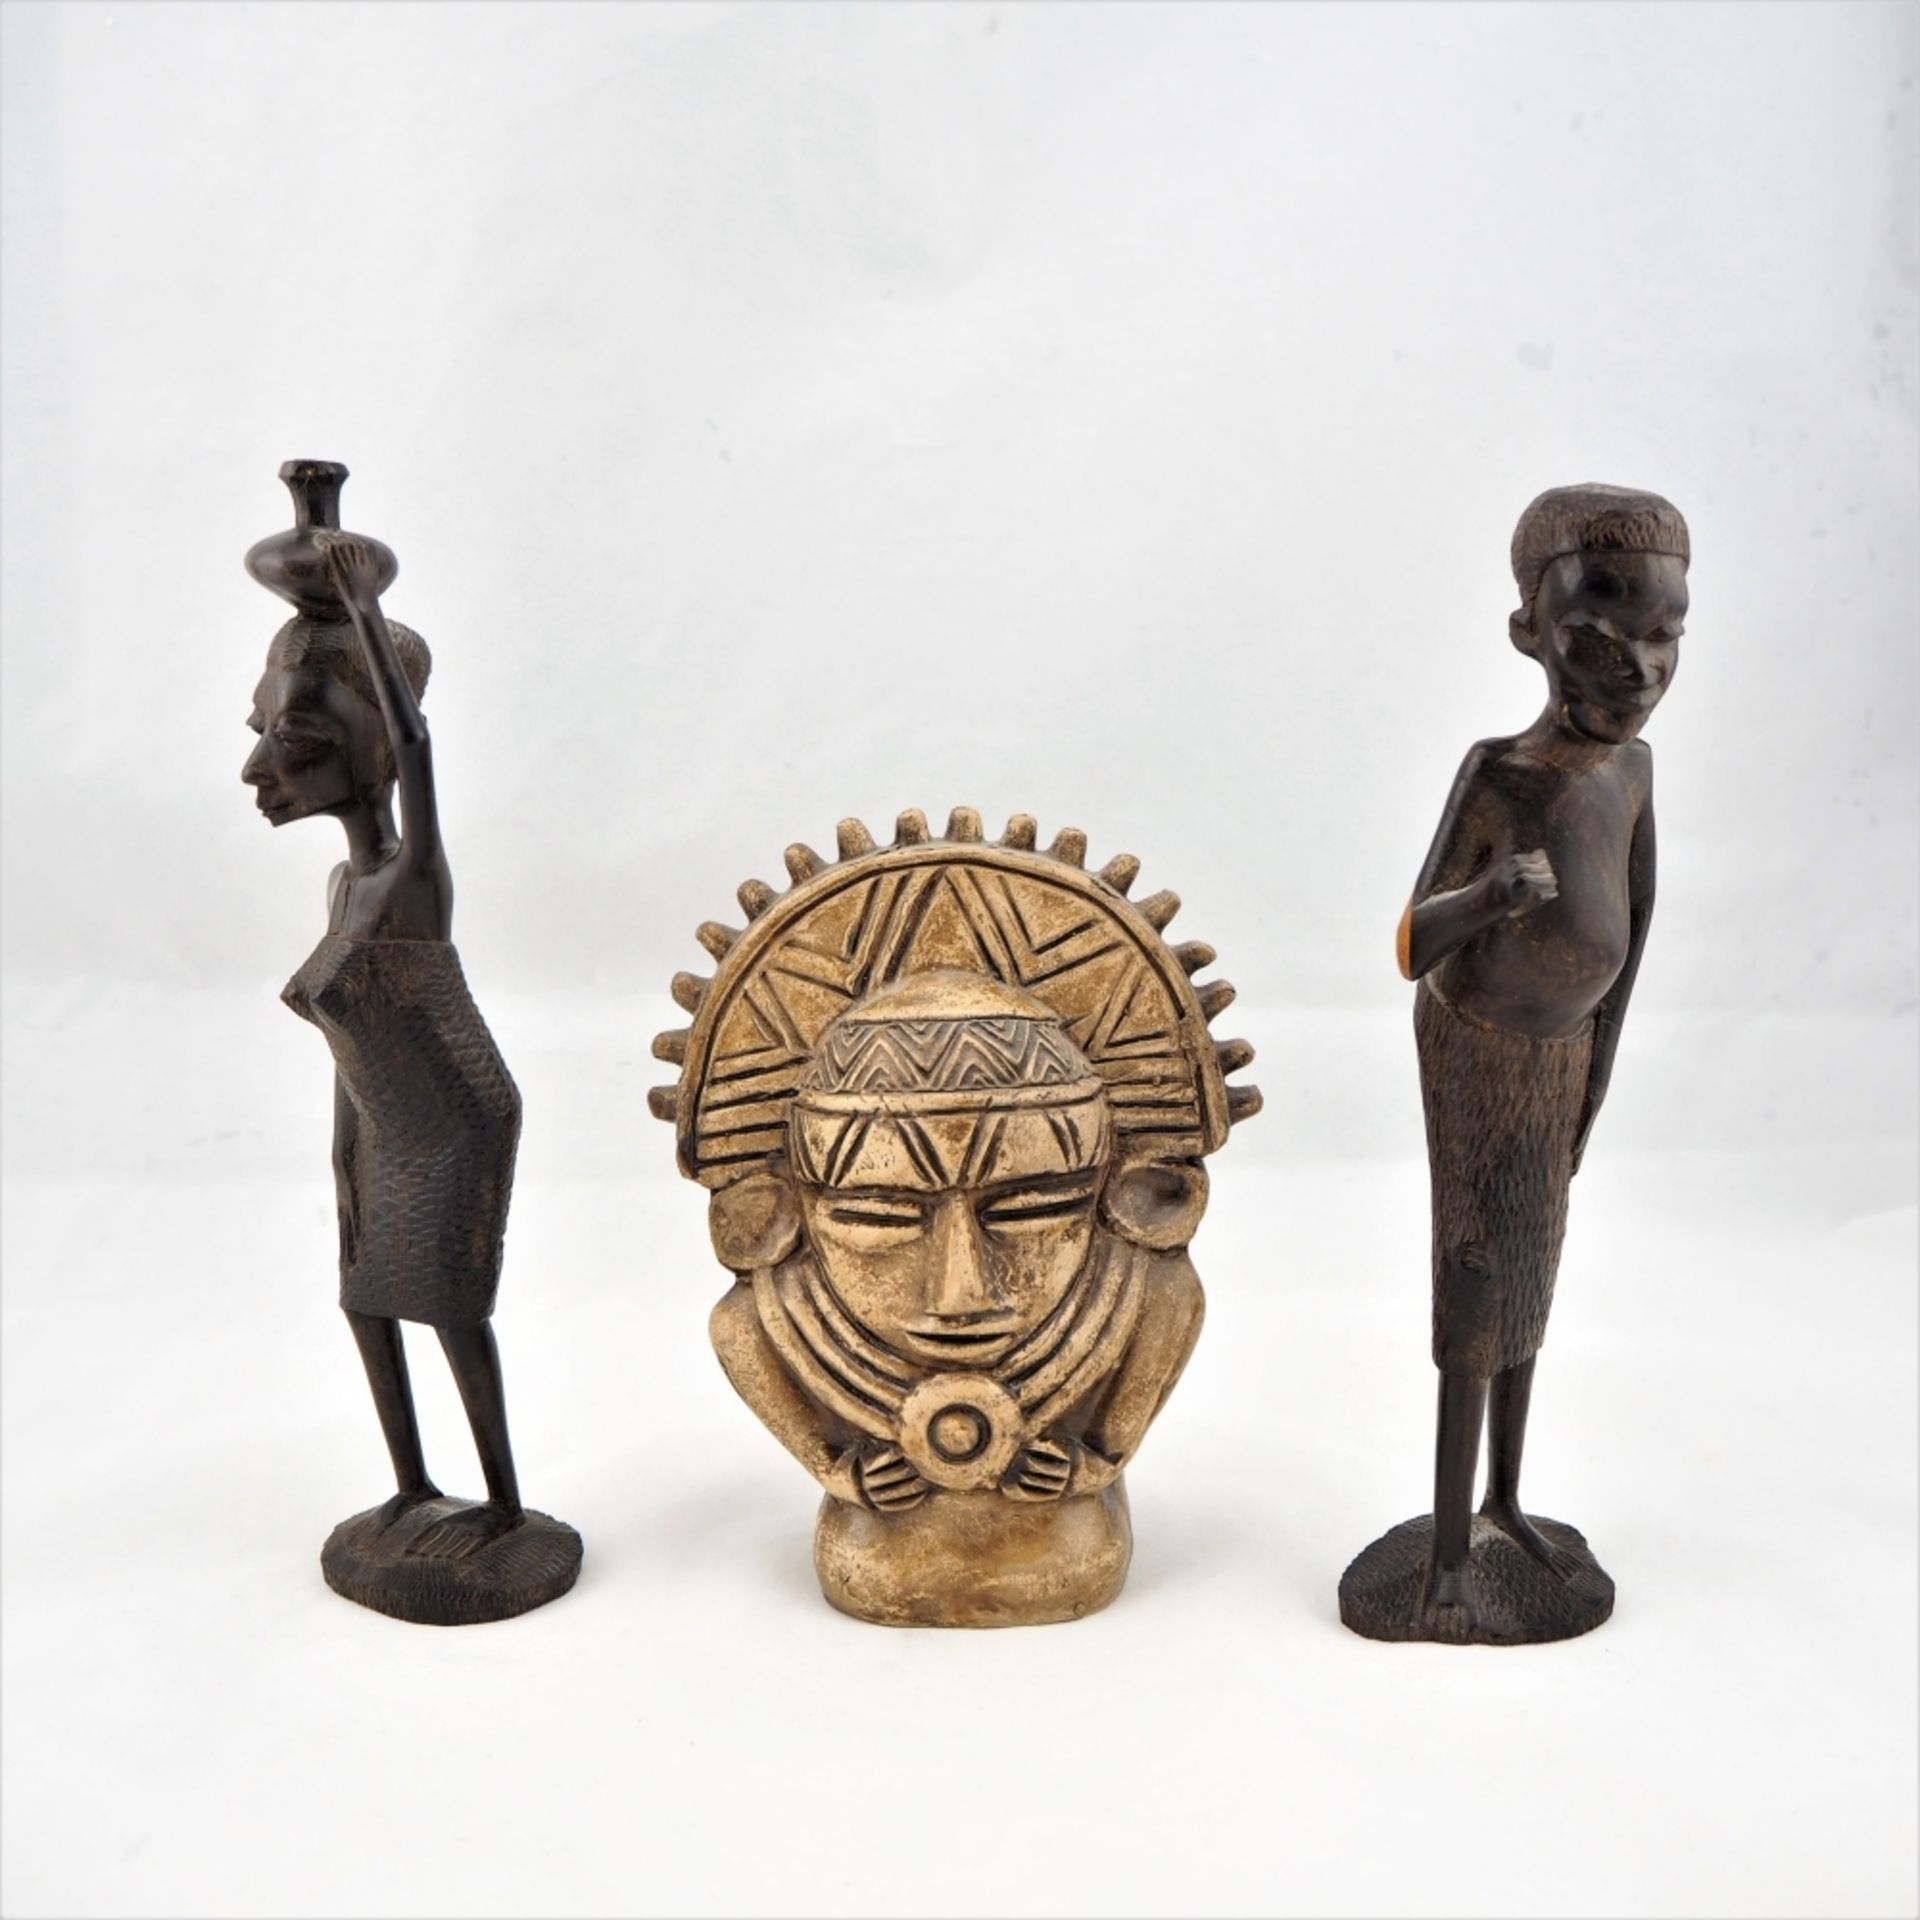 Los 373 - Konvolut Figuren, wohl Afrika, 70er Jahre, 3 StückKonvolut Figuren, wohl Afrika, 70er Jahre, 3...